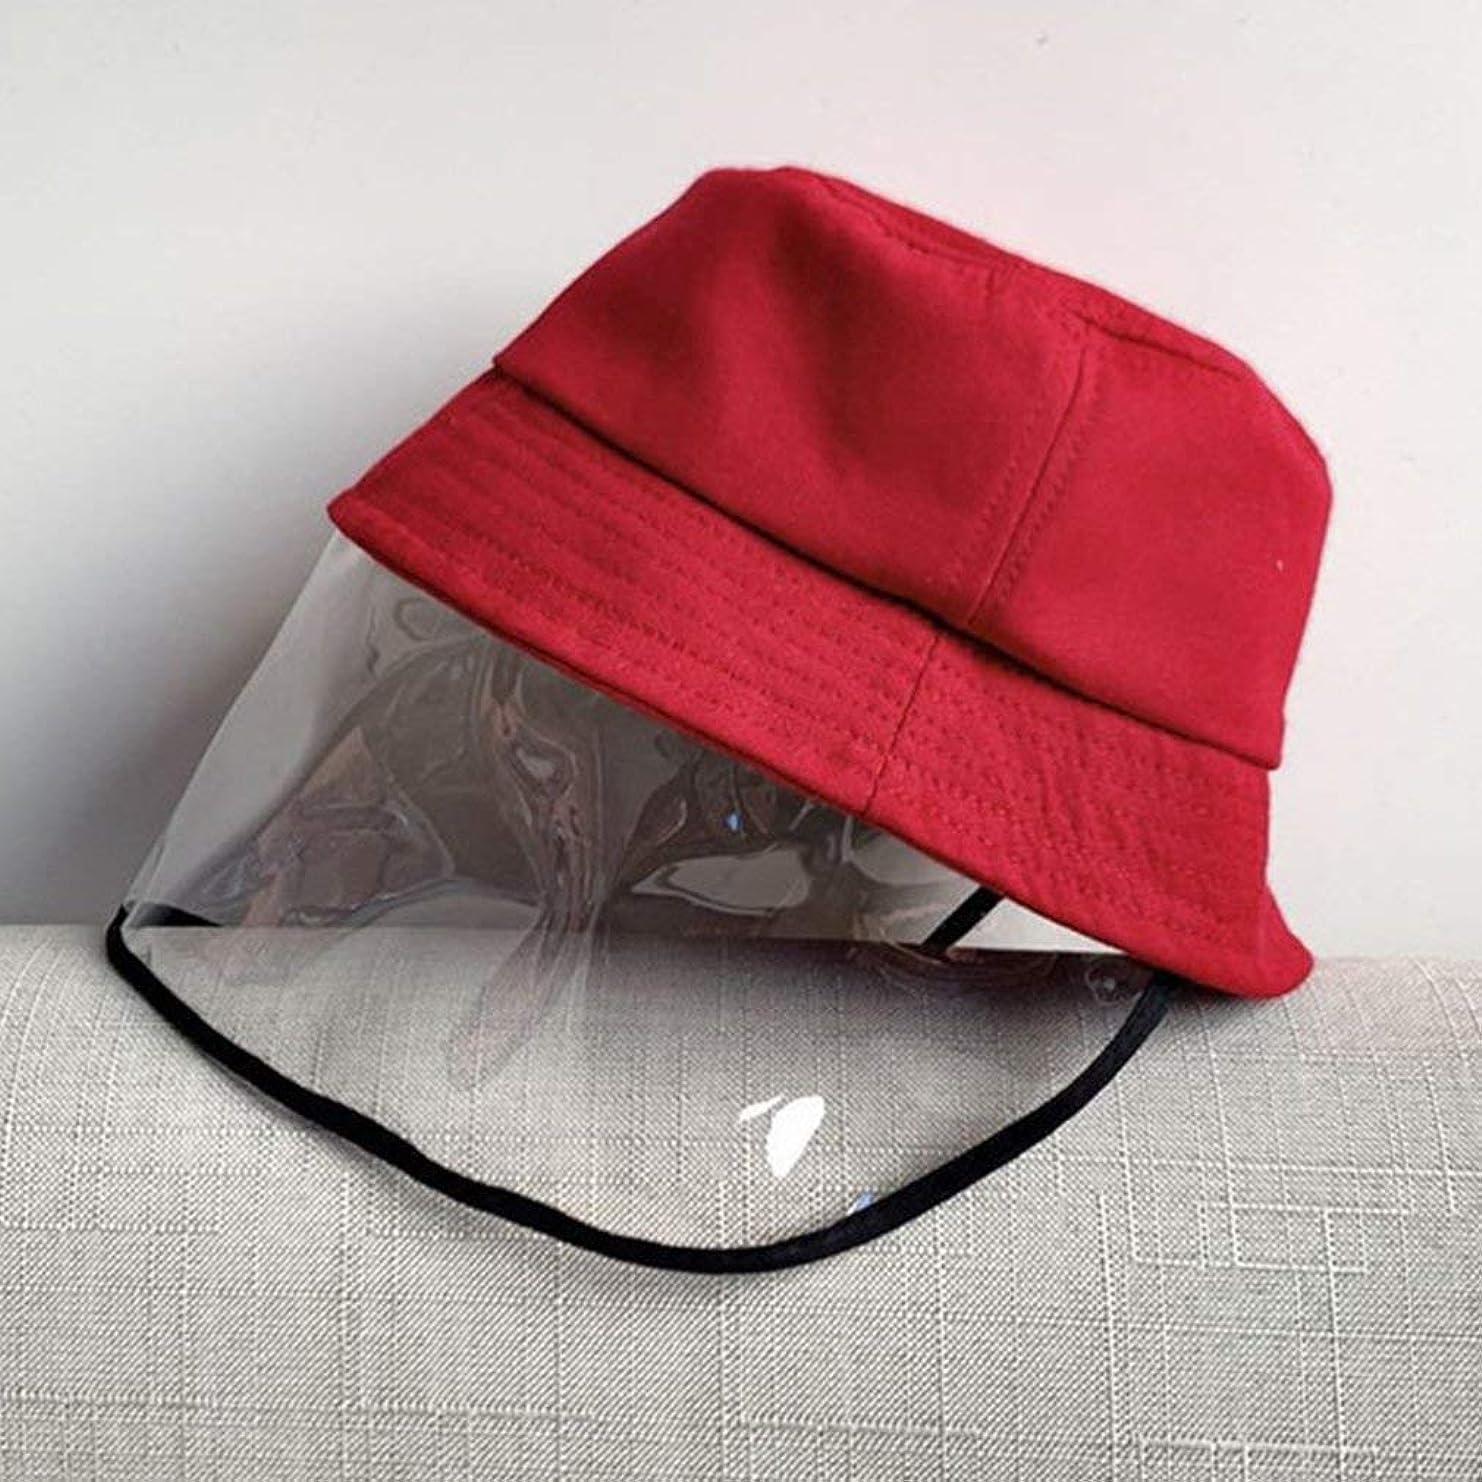 丁寧学校教育入札子供の保護漁師の帽子綿Pvcシェード日焼け止め帽子赤ちゃん洗面器帽子抗唾液漁師帽子赤